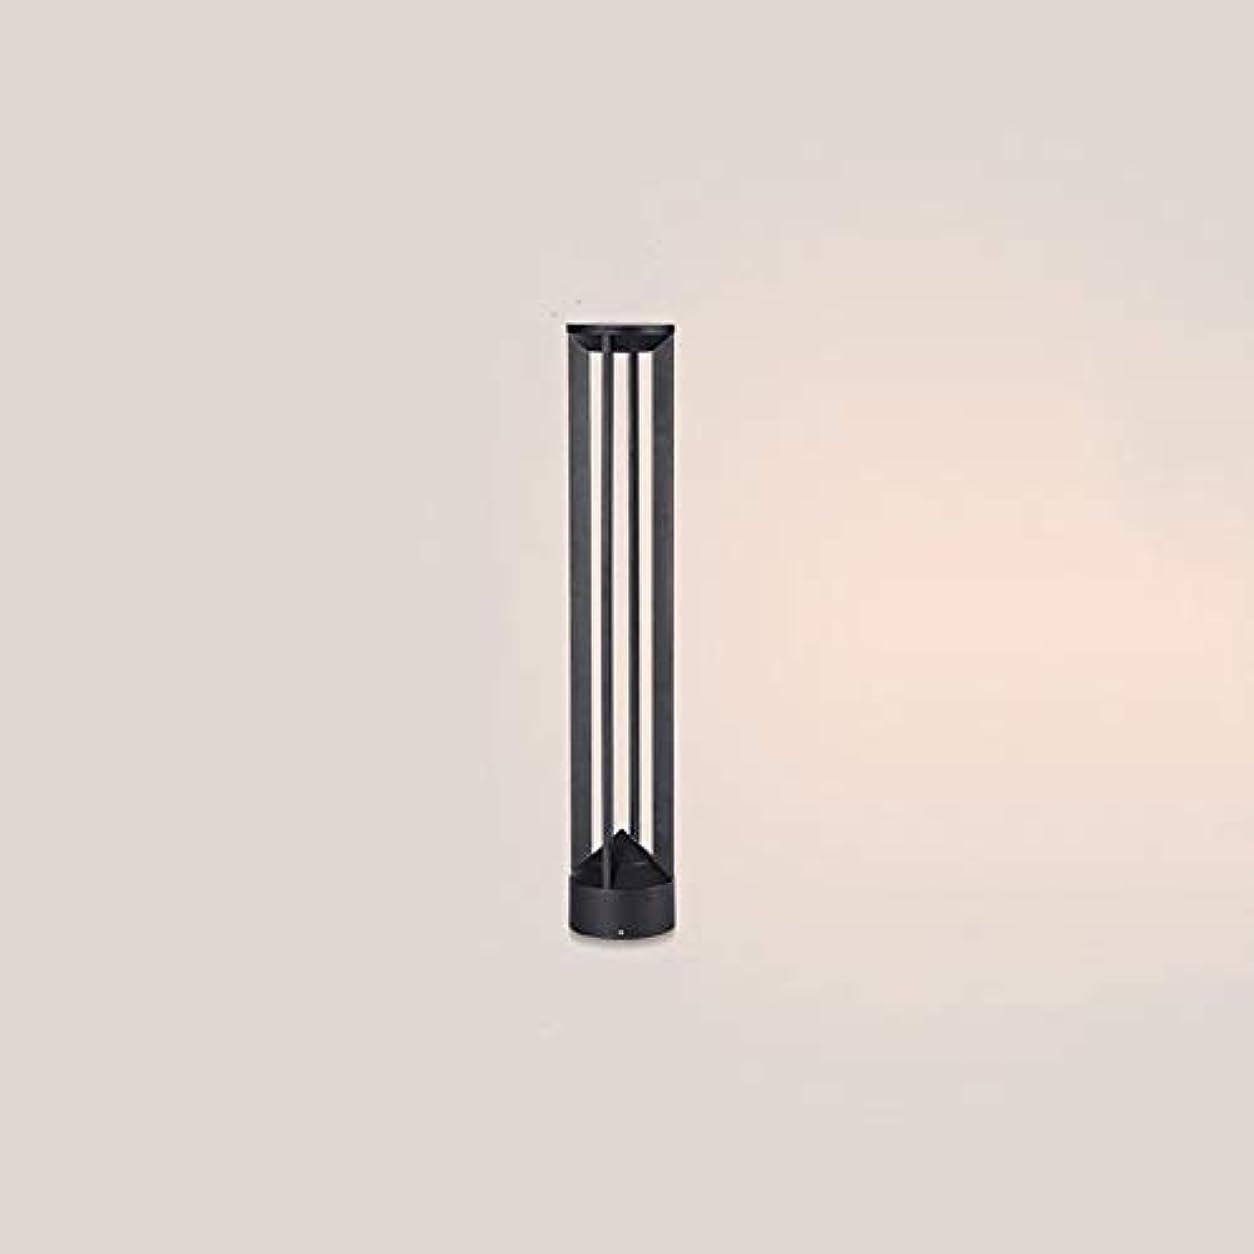 アーク来てインストールPinjeer Led IP55防水ラウンド屋外ガーデンライトヨーロッパ現代クリエイティブブラックアルミラウンドピラーライトアンチ錆ポストライト芝生ストリートパーク芝生装飾コラムランプ